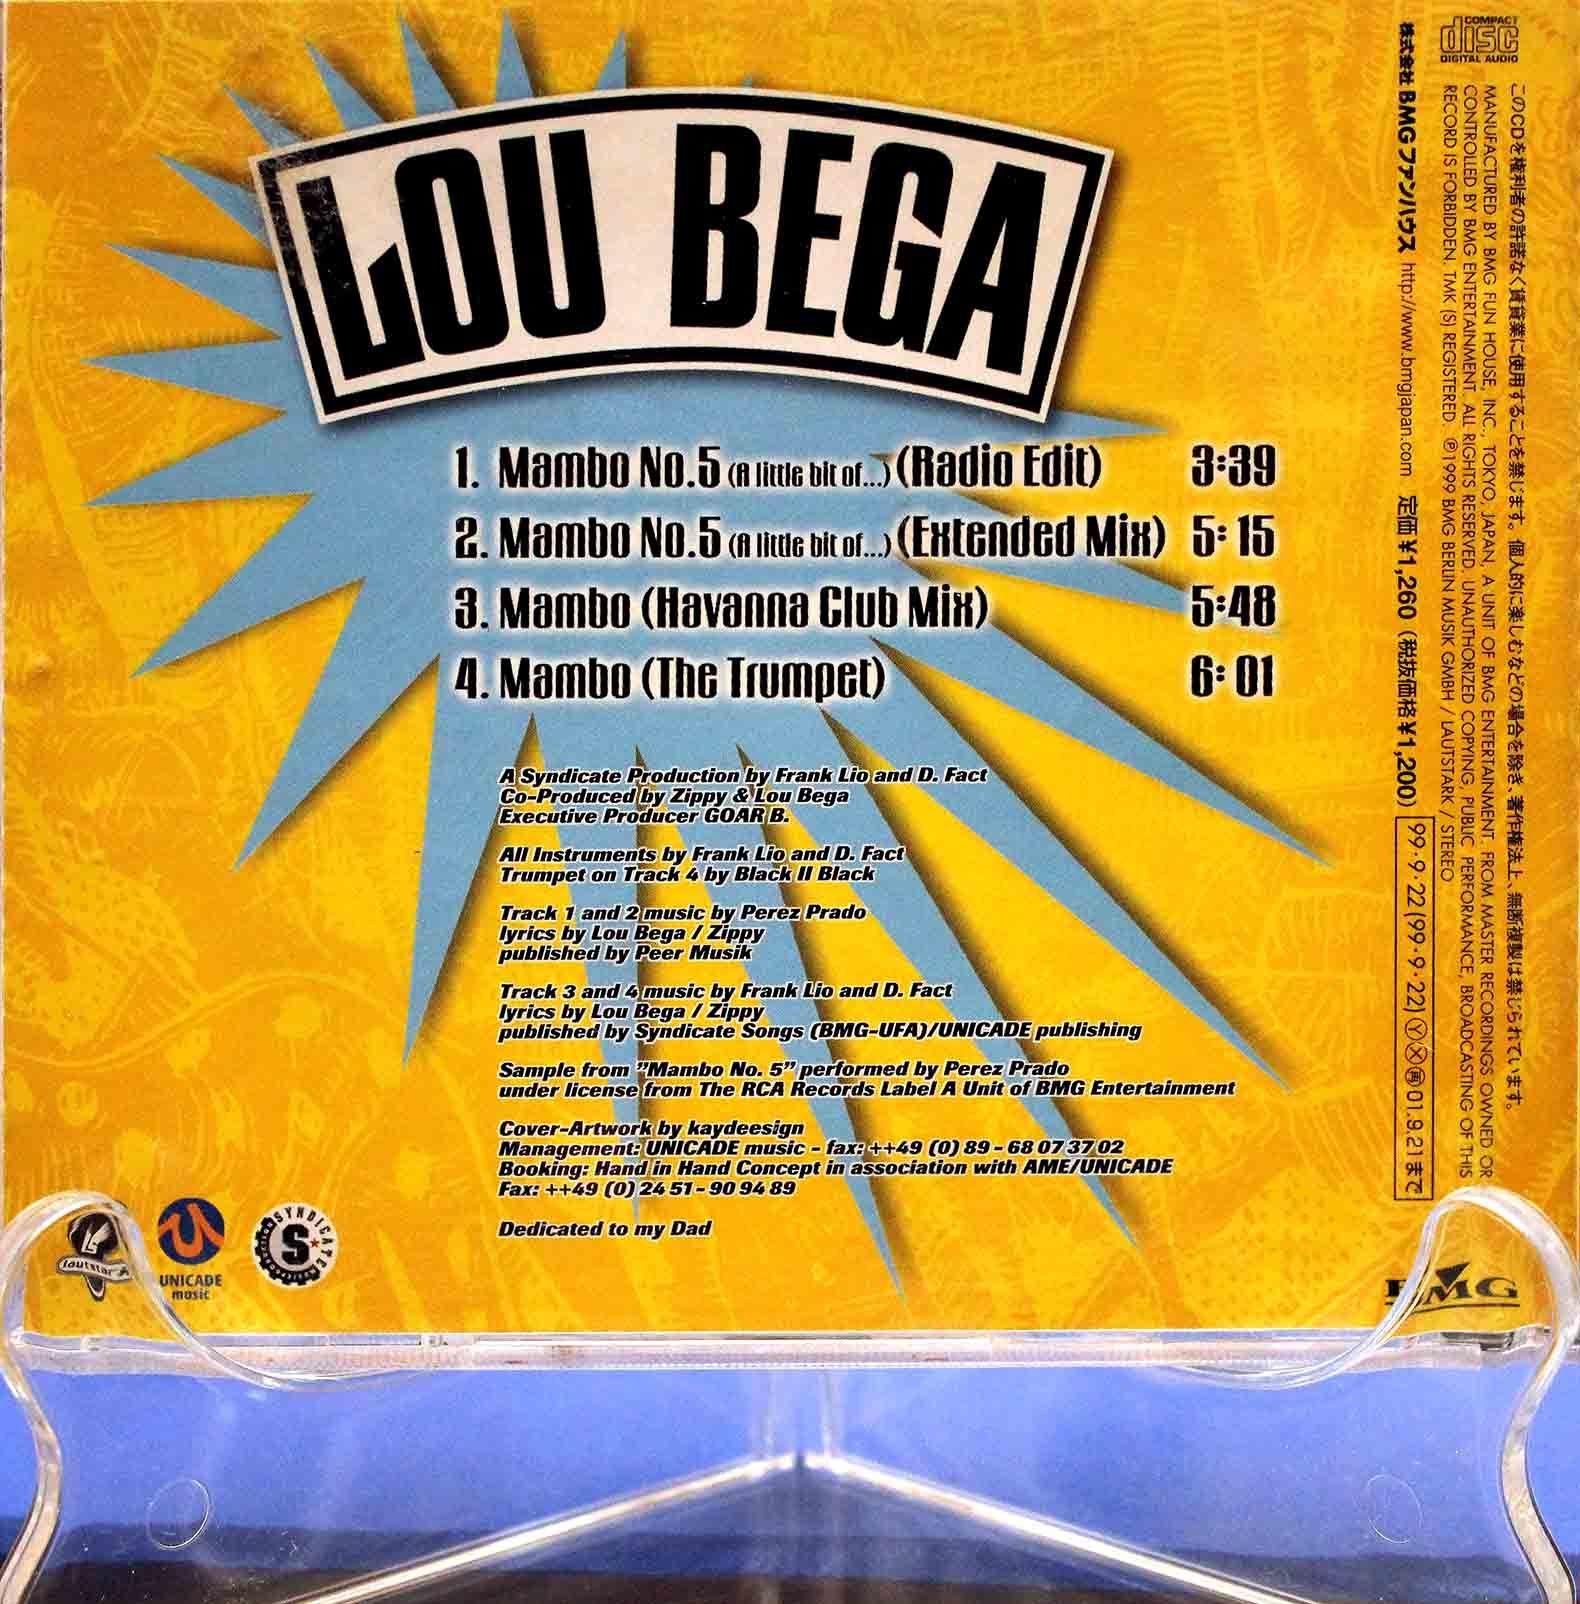 Lou Bega – Mambo No5 02 (1)